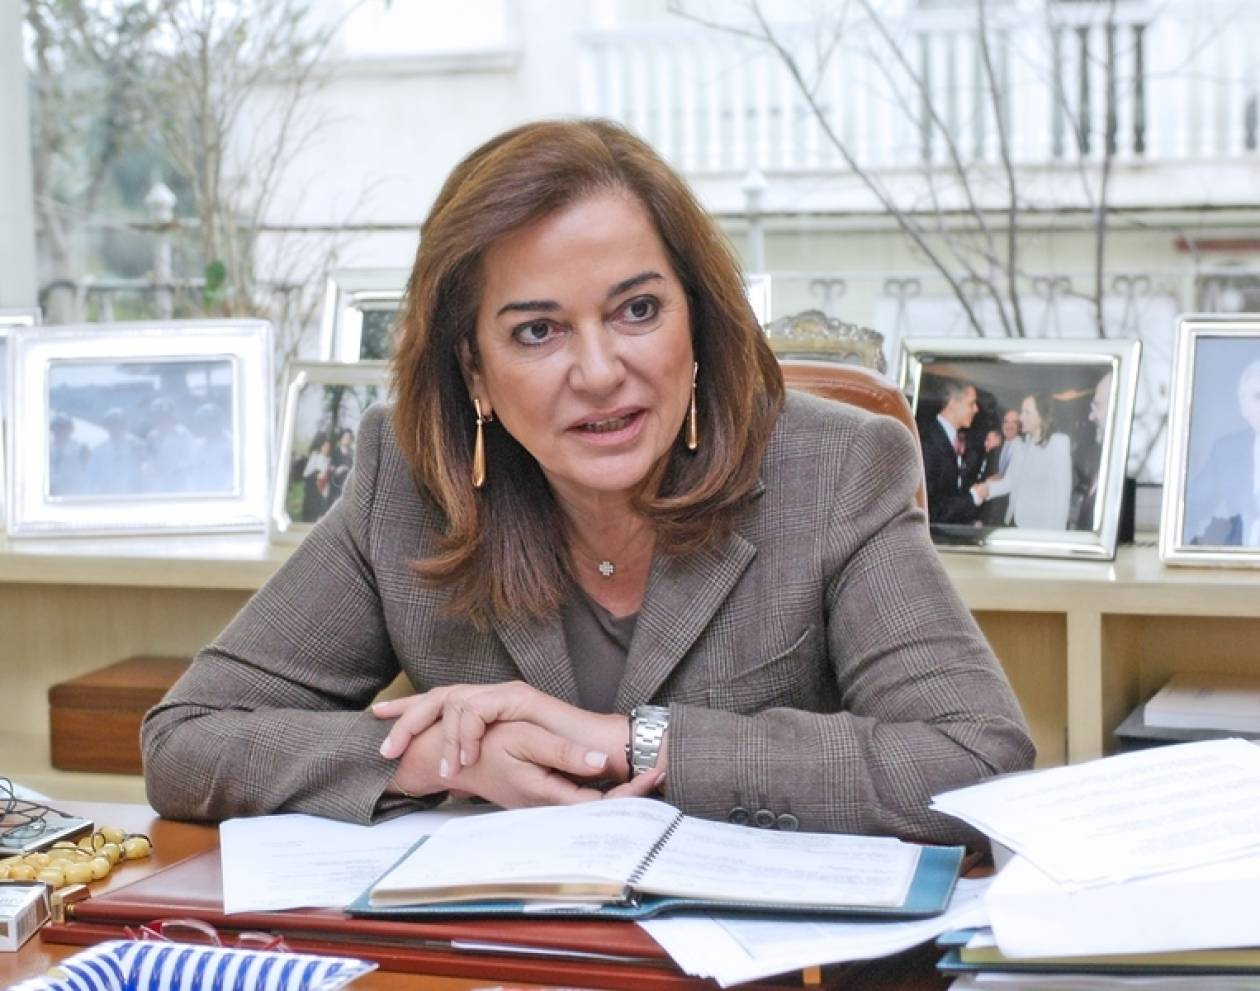 Μπακογιάννη: Δεν είναι στις προθέσεις μου η ευρωβουλή